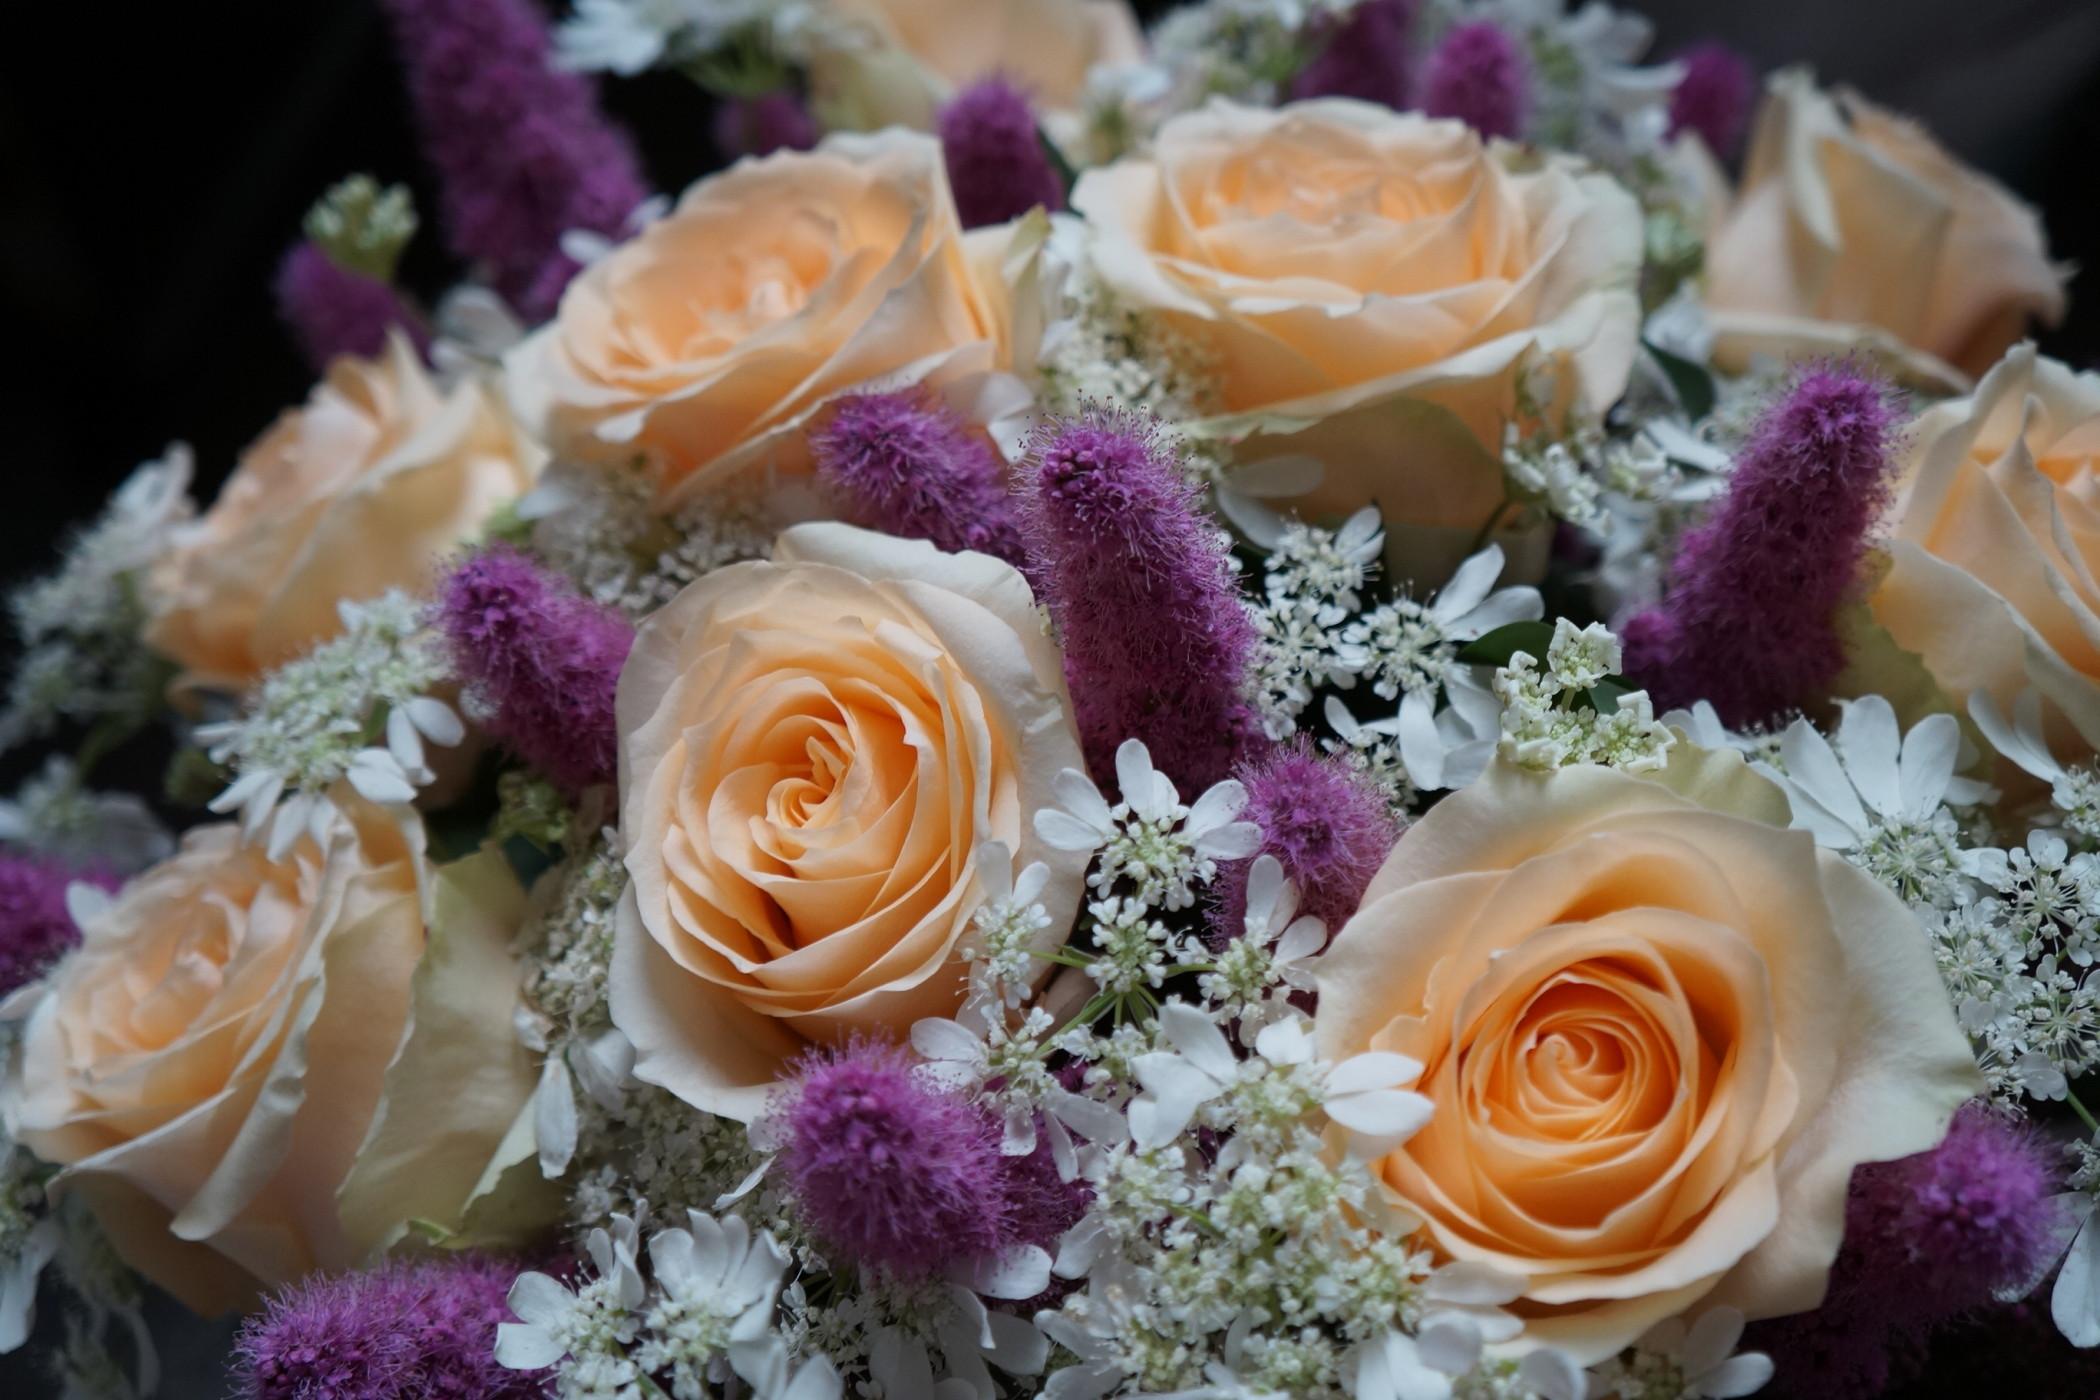 pastel-roses-bouquet-FlowersinSofia.com-016-e1482824029965